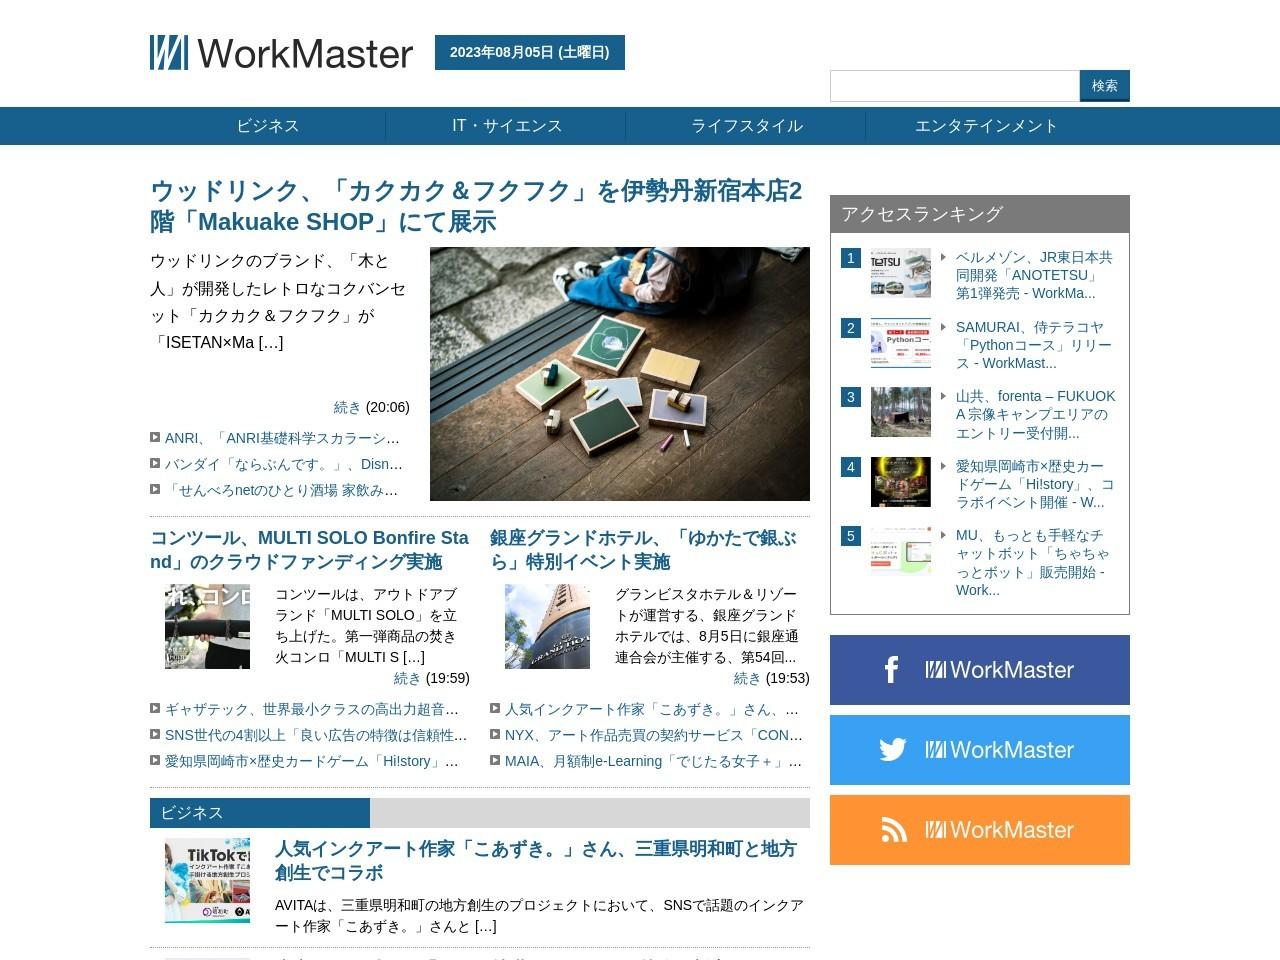 キャリコネ、「30代が働きやすい都道府県ランキング」発表